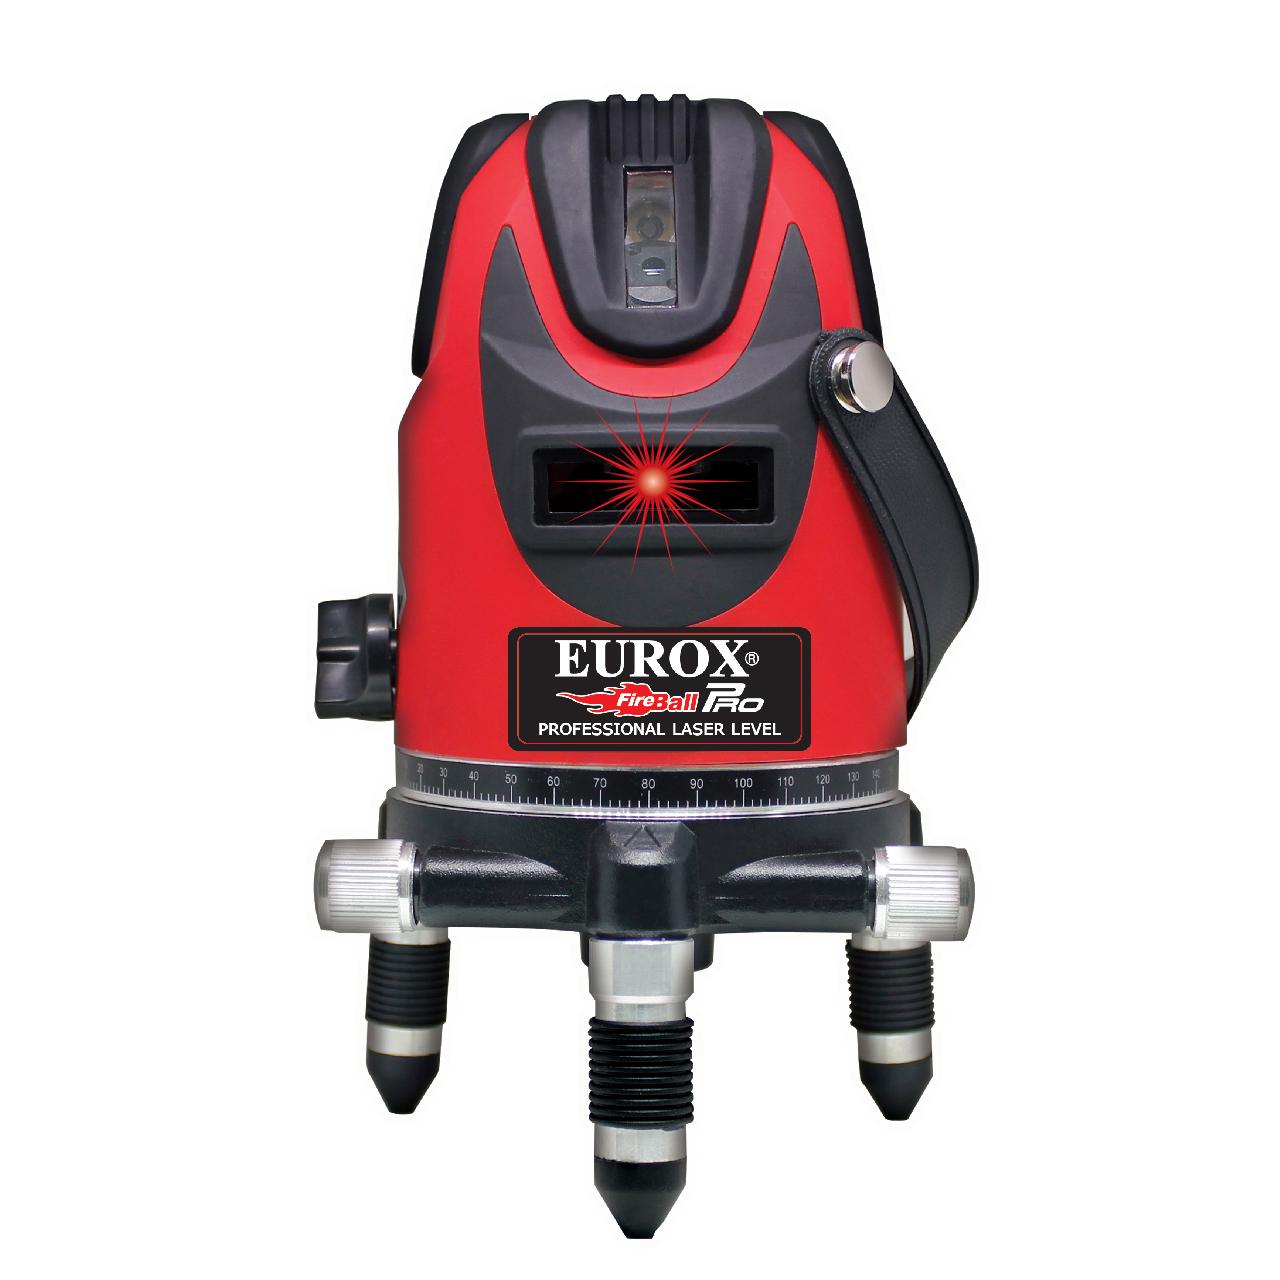 เครื่องเลเซอร์วัดระดับ (แสงสีแดง 10 วัตต์) EUROX EL-510 (พร้อมชุดขาตั้ง)